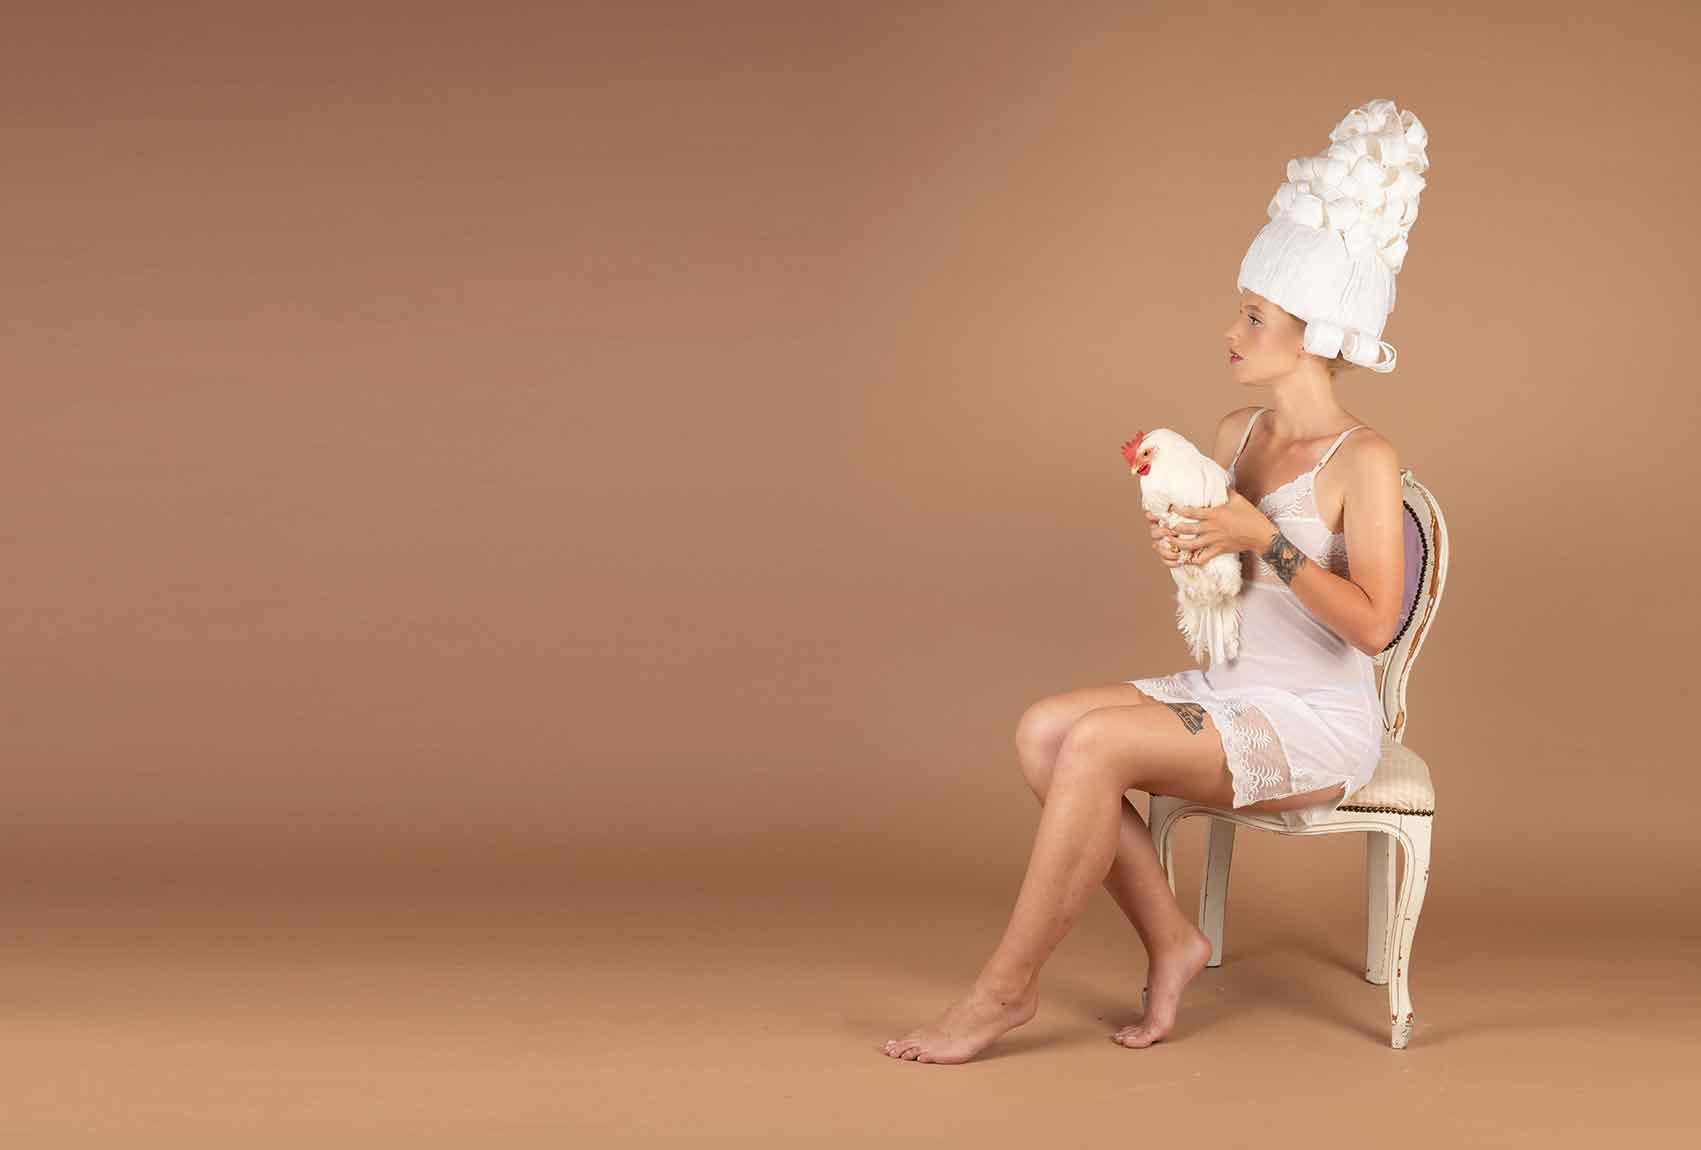 צילום: ליז כדר, מעצבת בנייר: מירב פלג, איפור: יעל ברזילי, דוגמנית: ליזה טרטרוב-מגזין-אופנה-אונליין